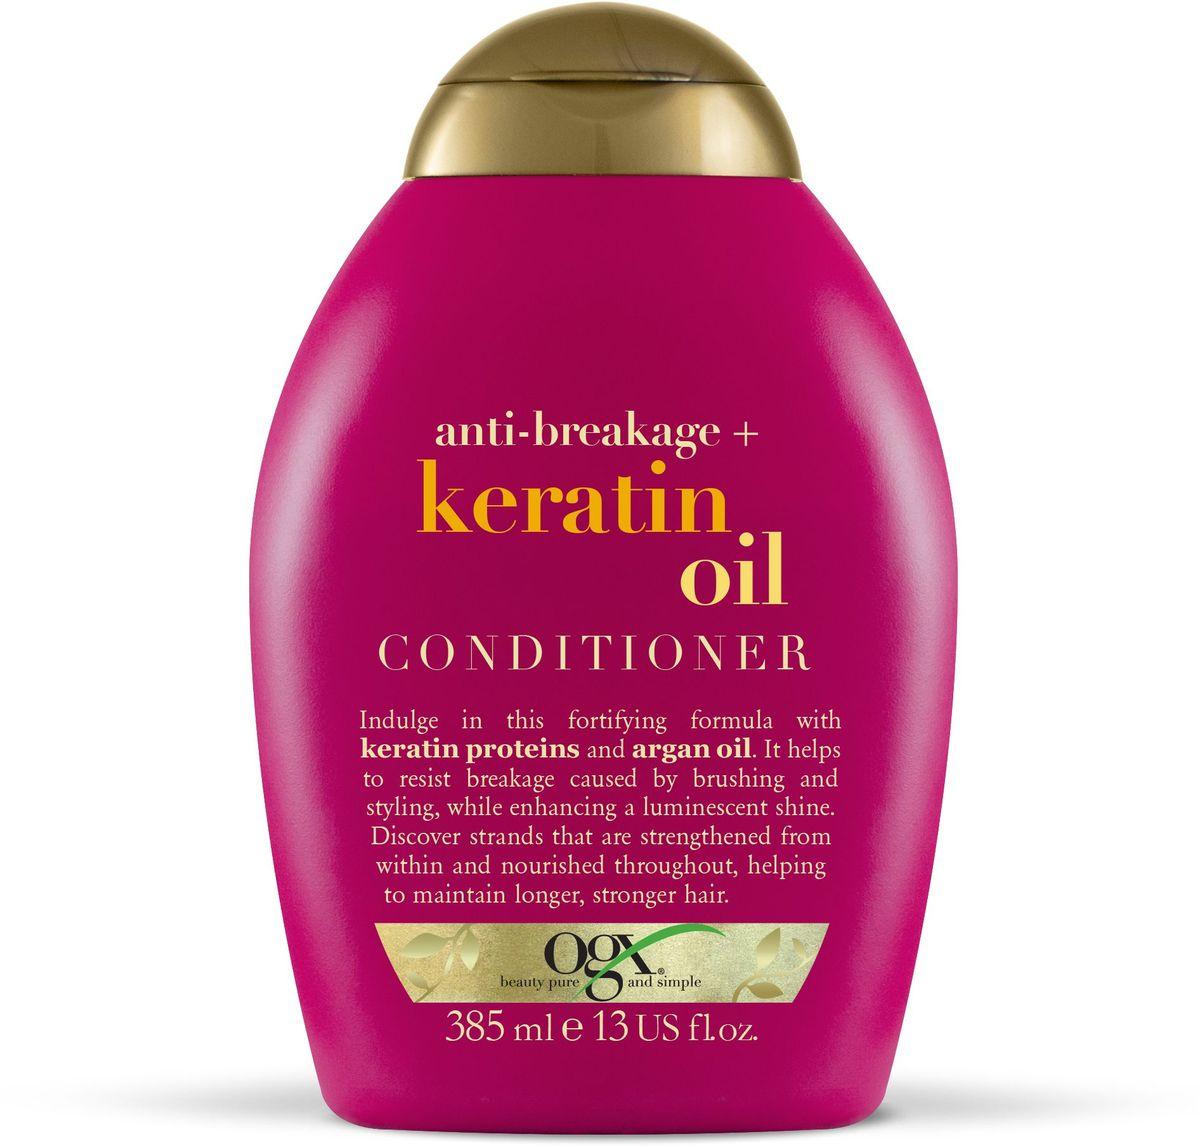 OGX Кондиционер против ломкости волос с кератиновым маслом, 385 мл.97752Кондиционер против ломкости волос с кератиновым маслом, обогащенный протеинами кератина и аргановым маслом, борется против ломкости волос, питает волосы и придает им силу, блеск и сияние.